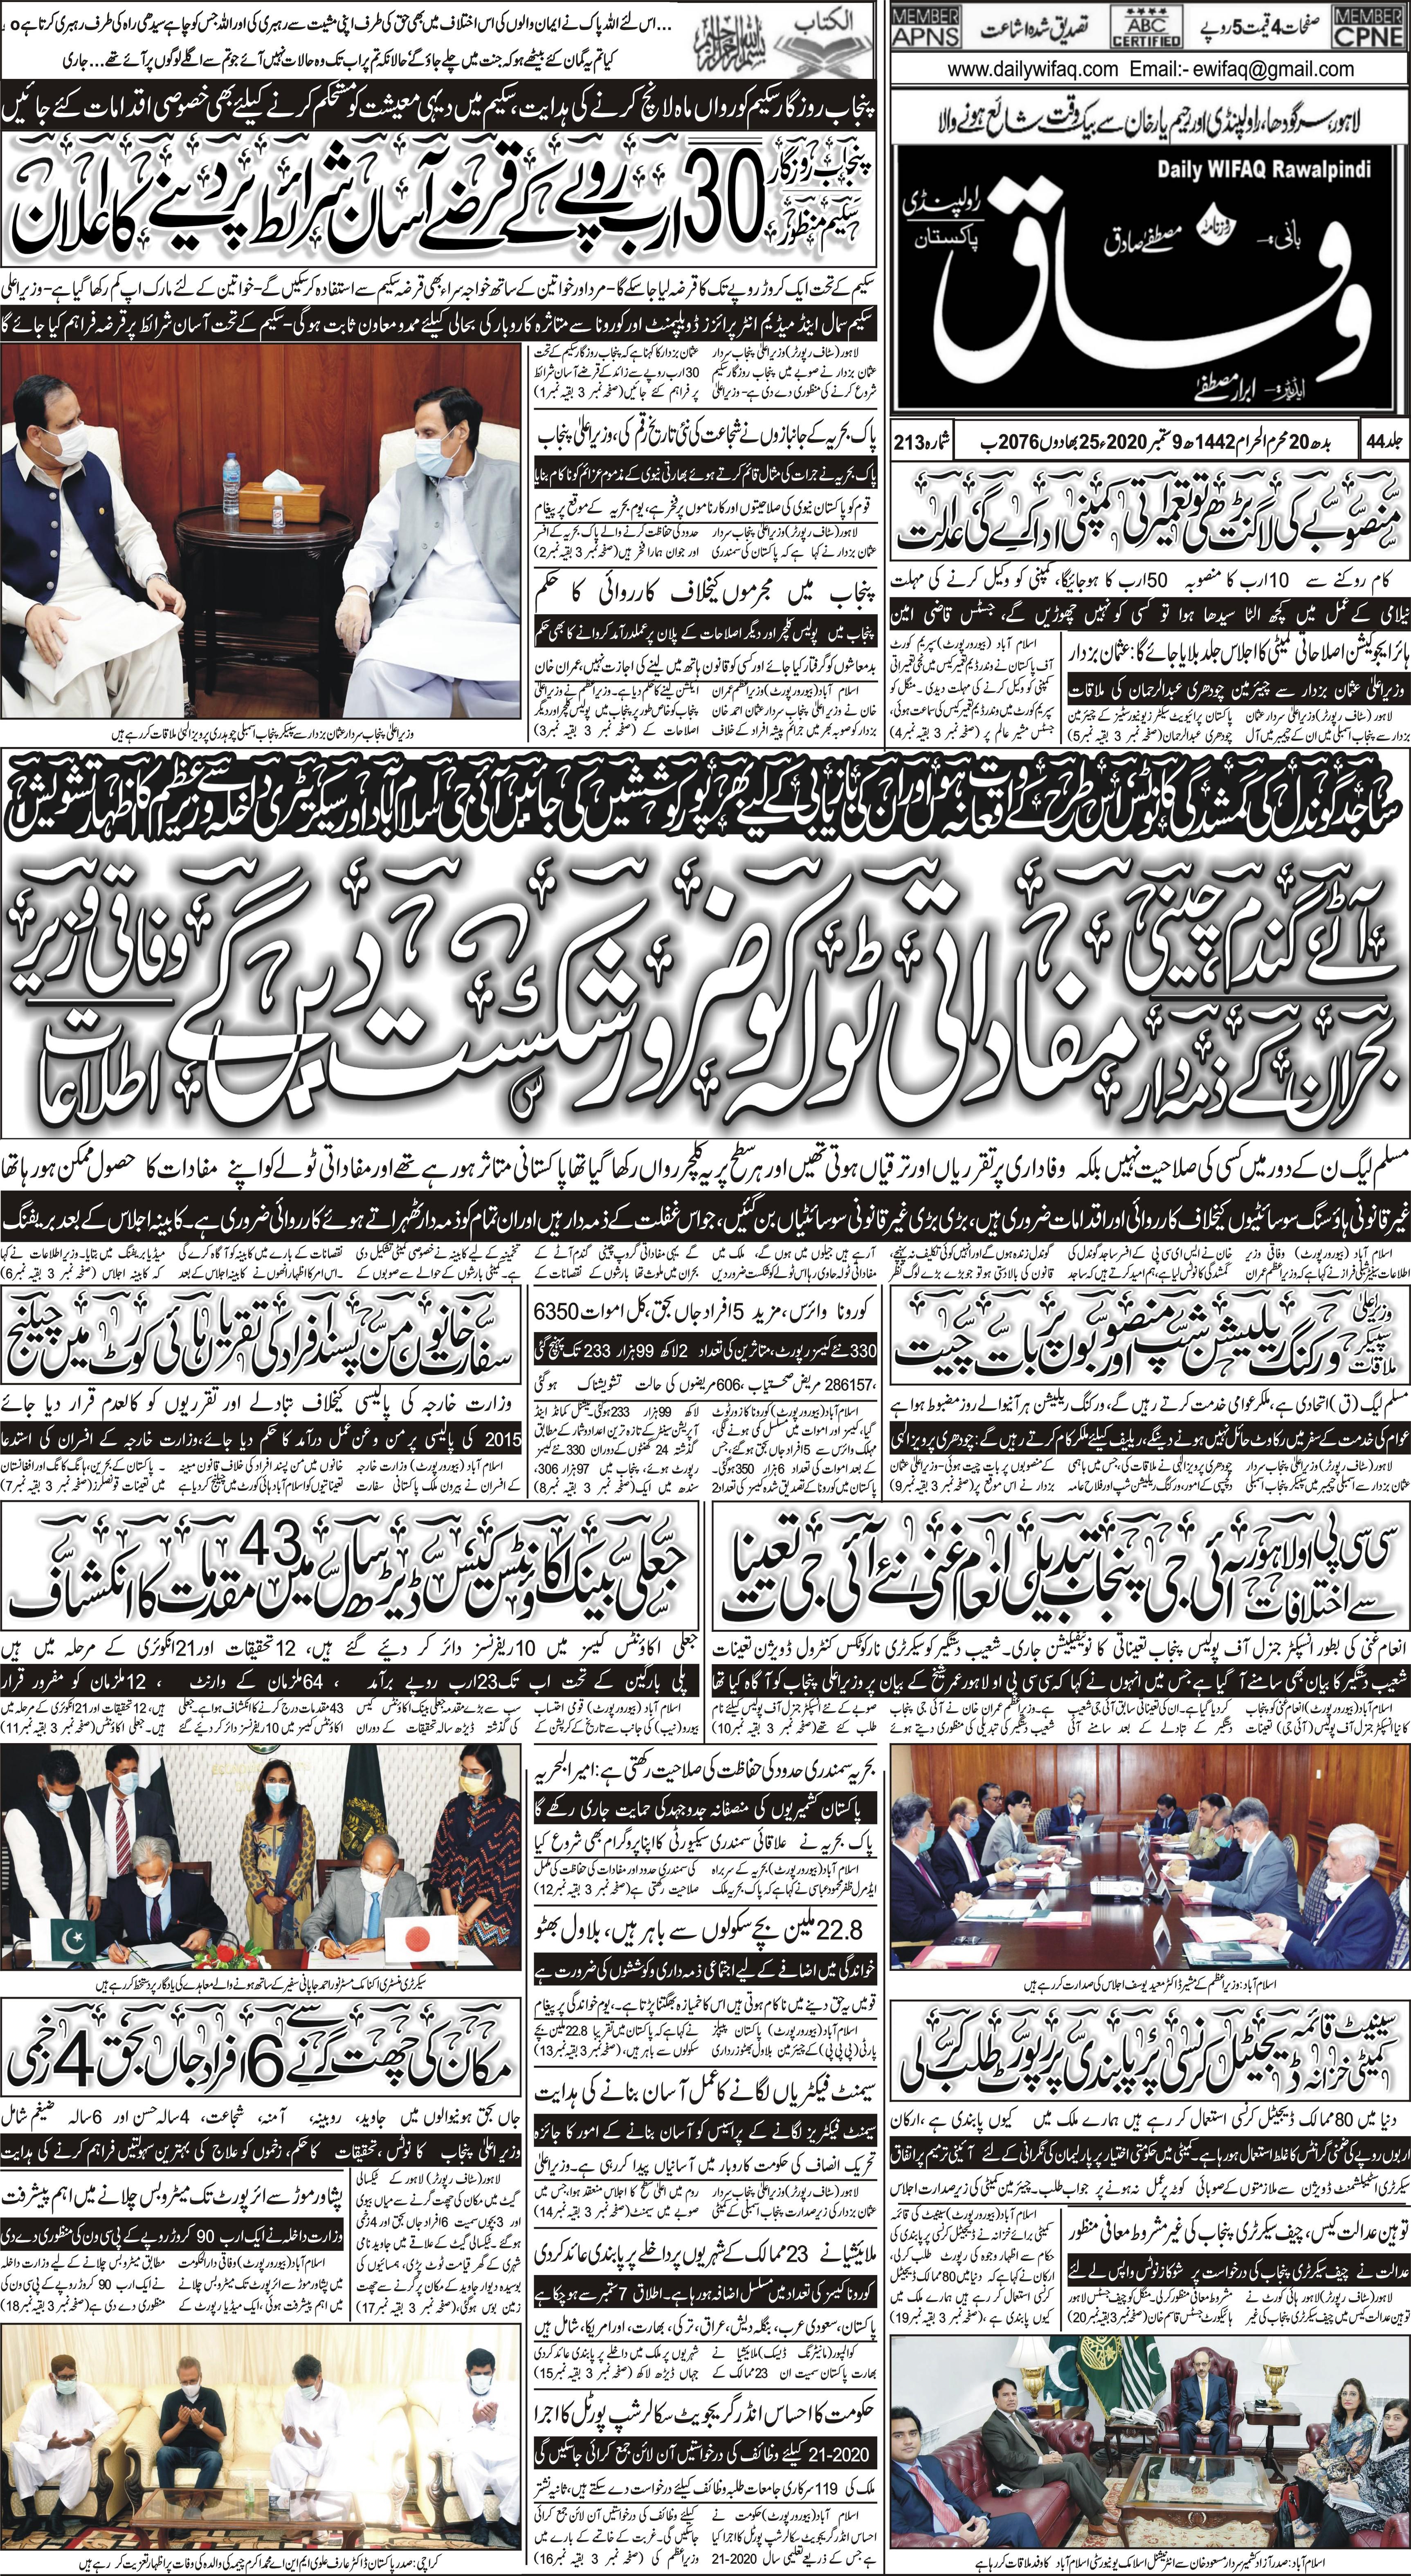 e-Paper – Daily Wifaq – Rawalpindi – 09-09-2020